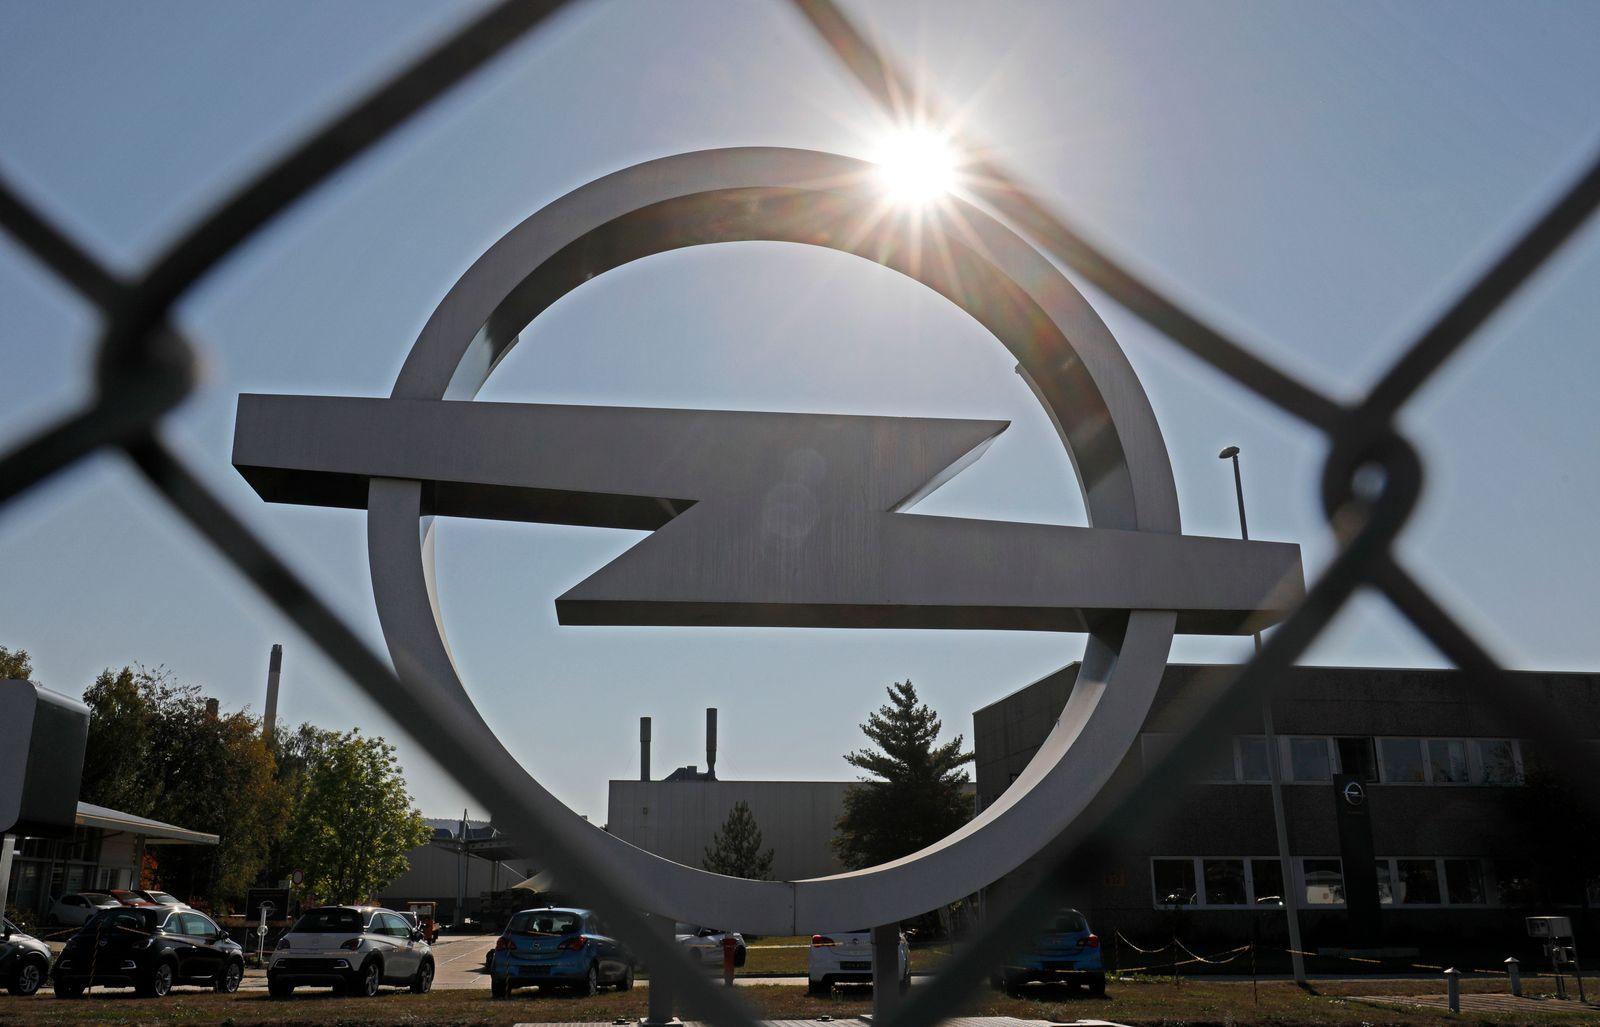 Opel / Kaiserslautern